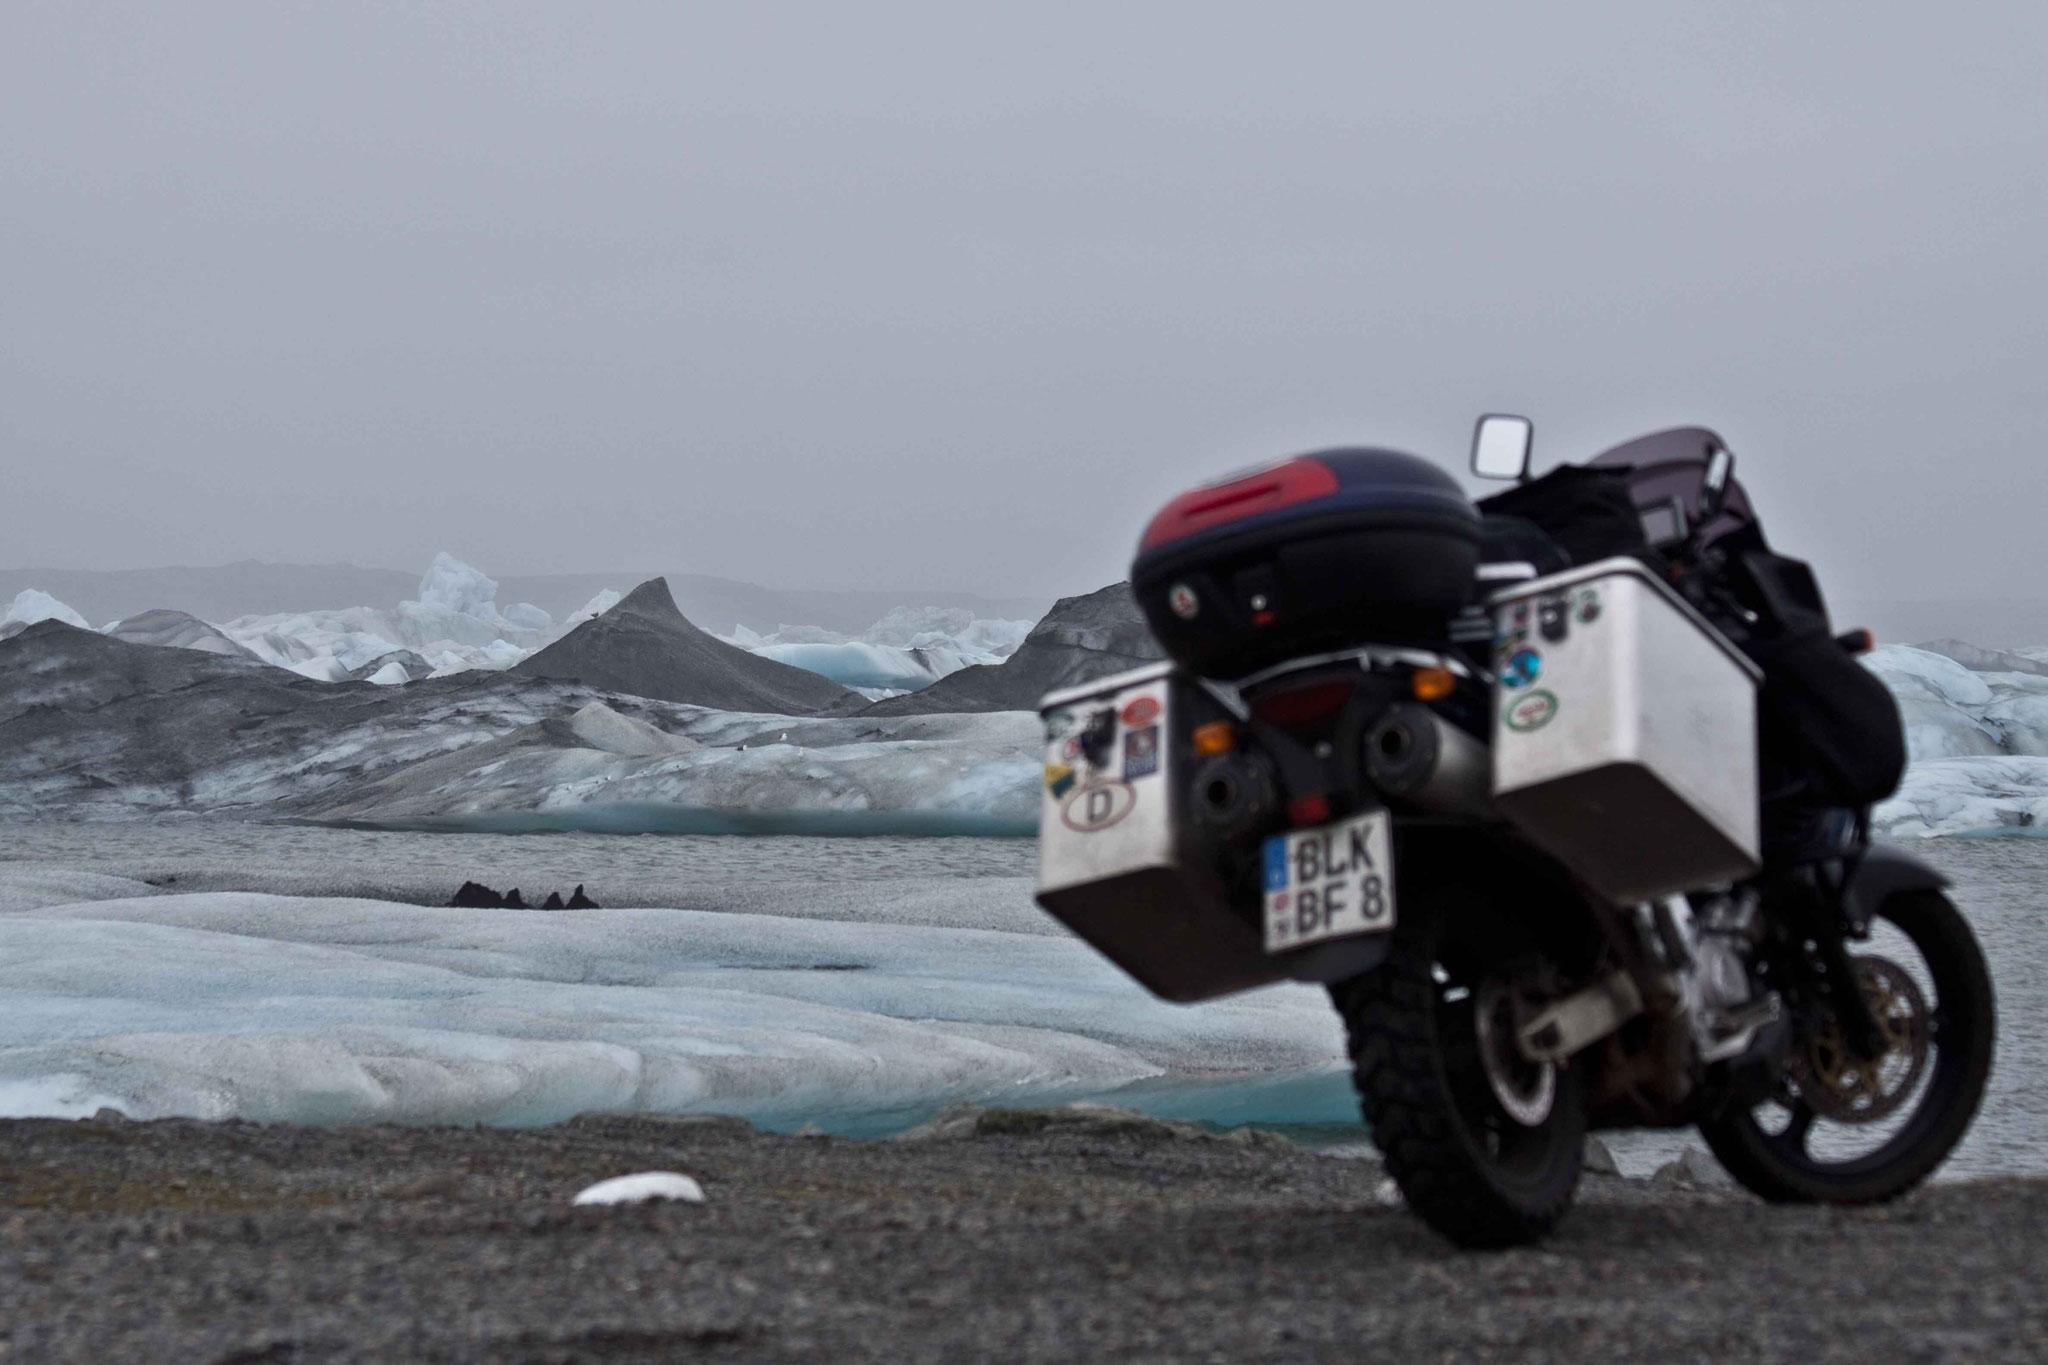 Der Gletscher, kurz bevor er sich ins Meer ergießt.